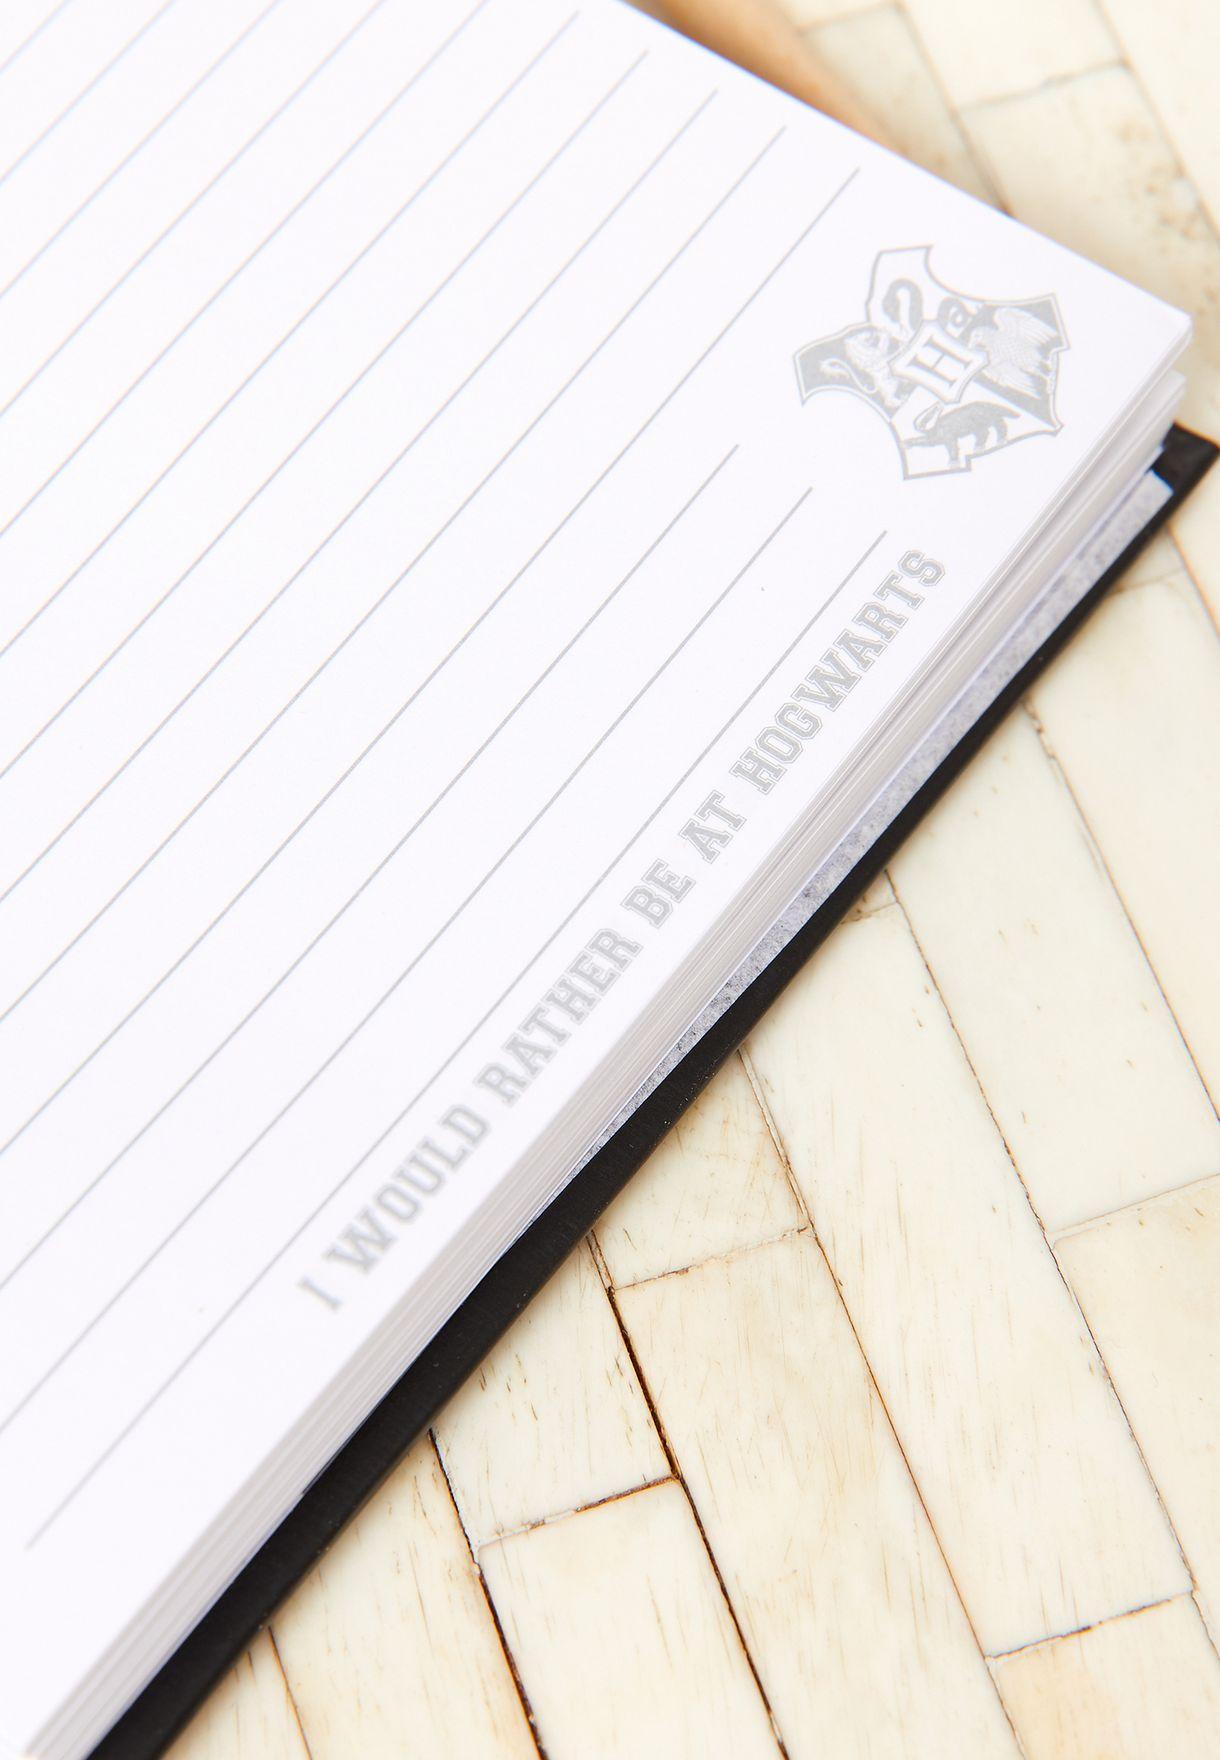 دفتر ملاحظات A5 هاري بوتر